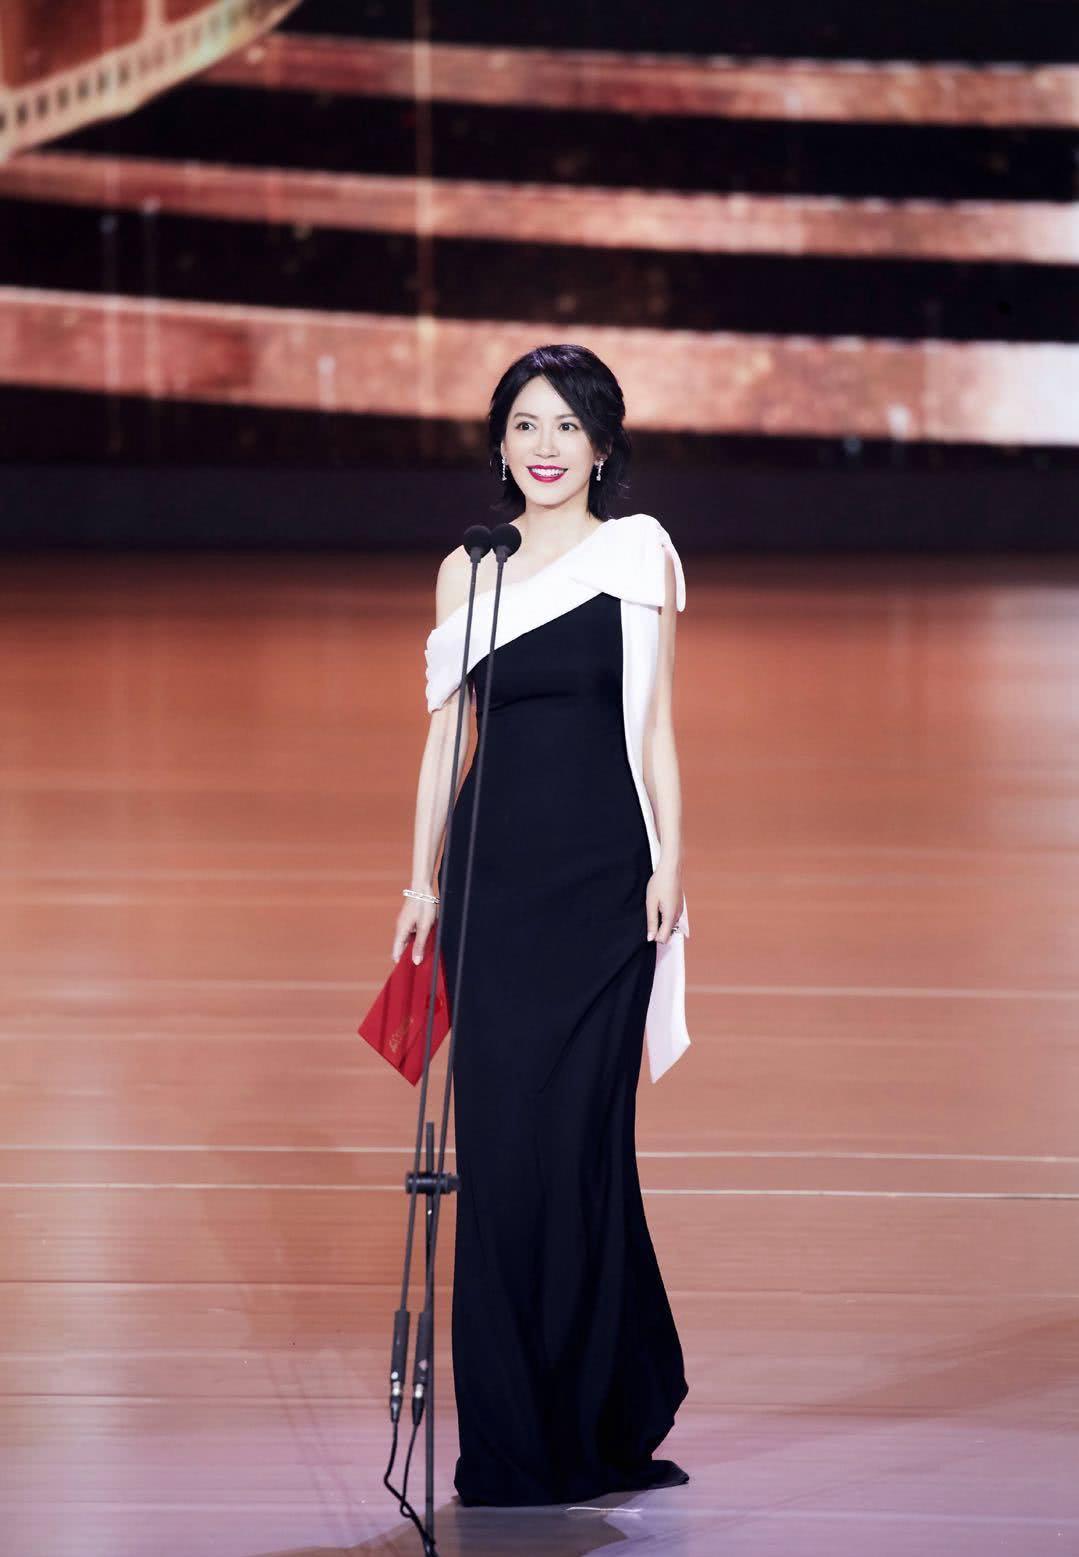 丝绸之路电影节:林心如红色长裙,俞飞鸿黑色长裙,谁更图片